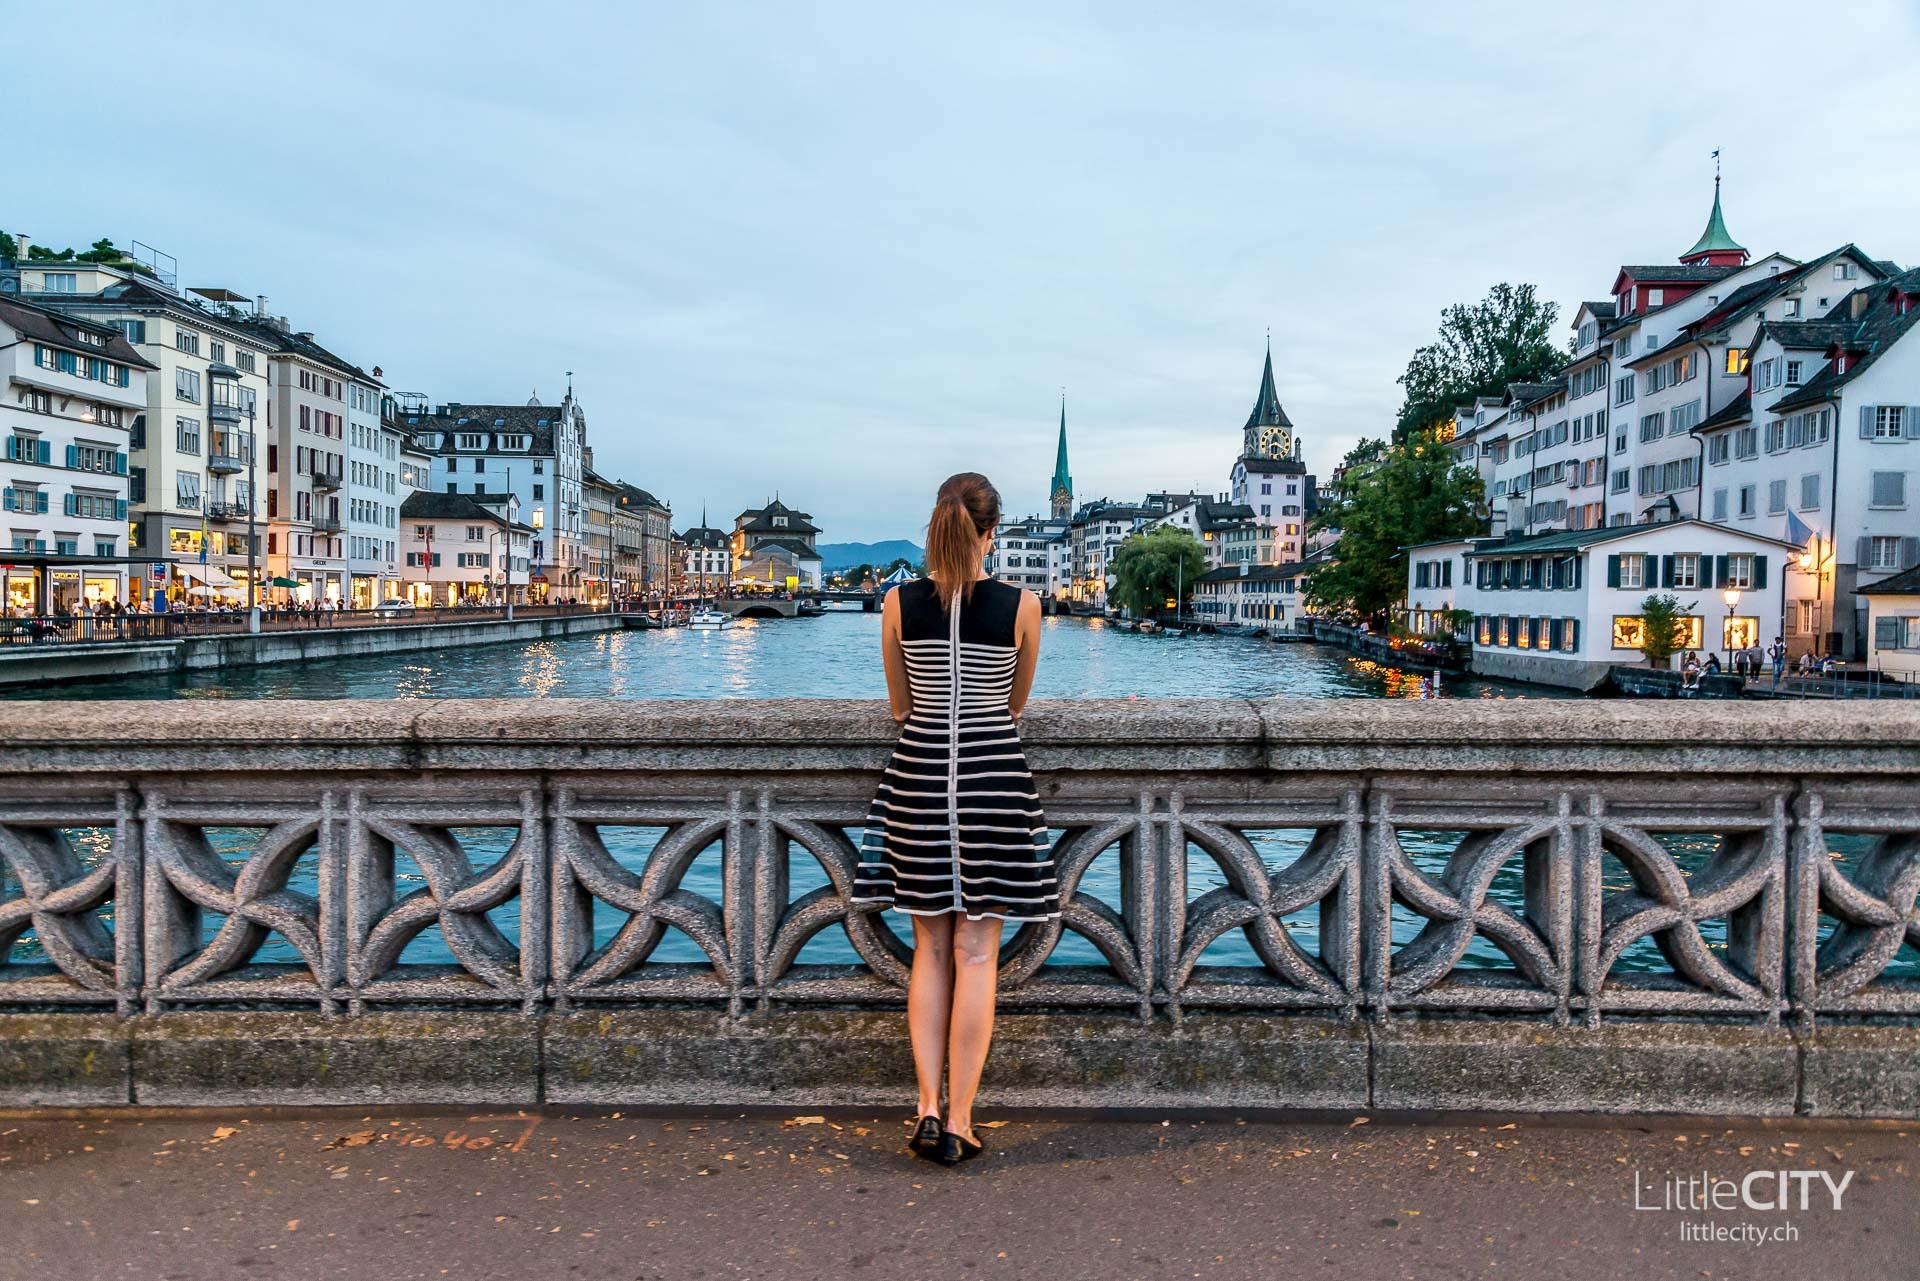 LittleCITY in Zürich Valeria-1